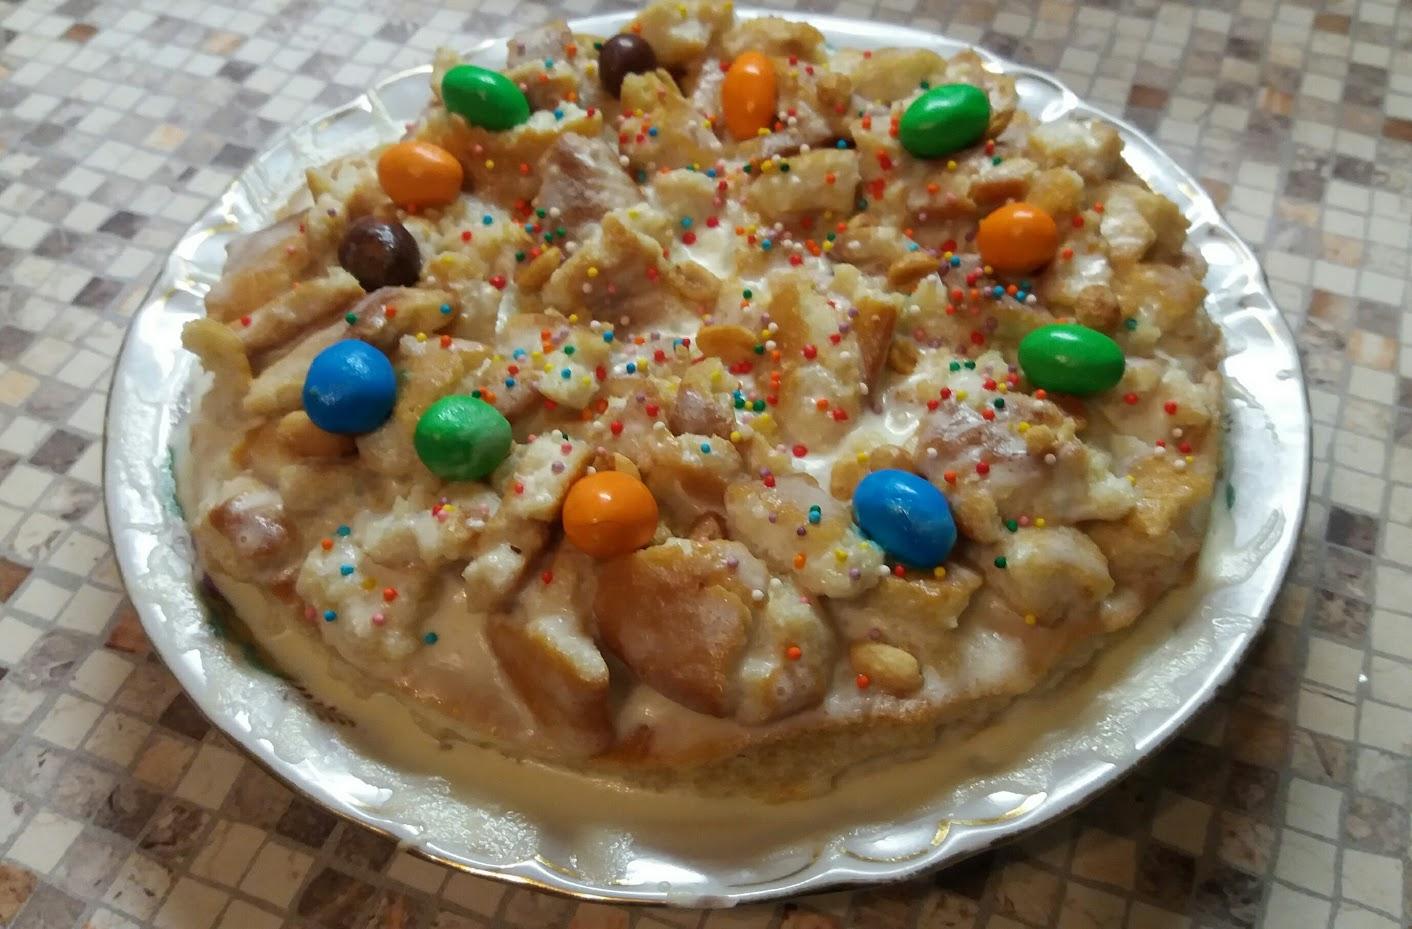 Простой и вкусный торт от юлии с араhисом